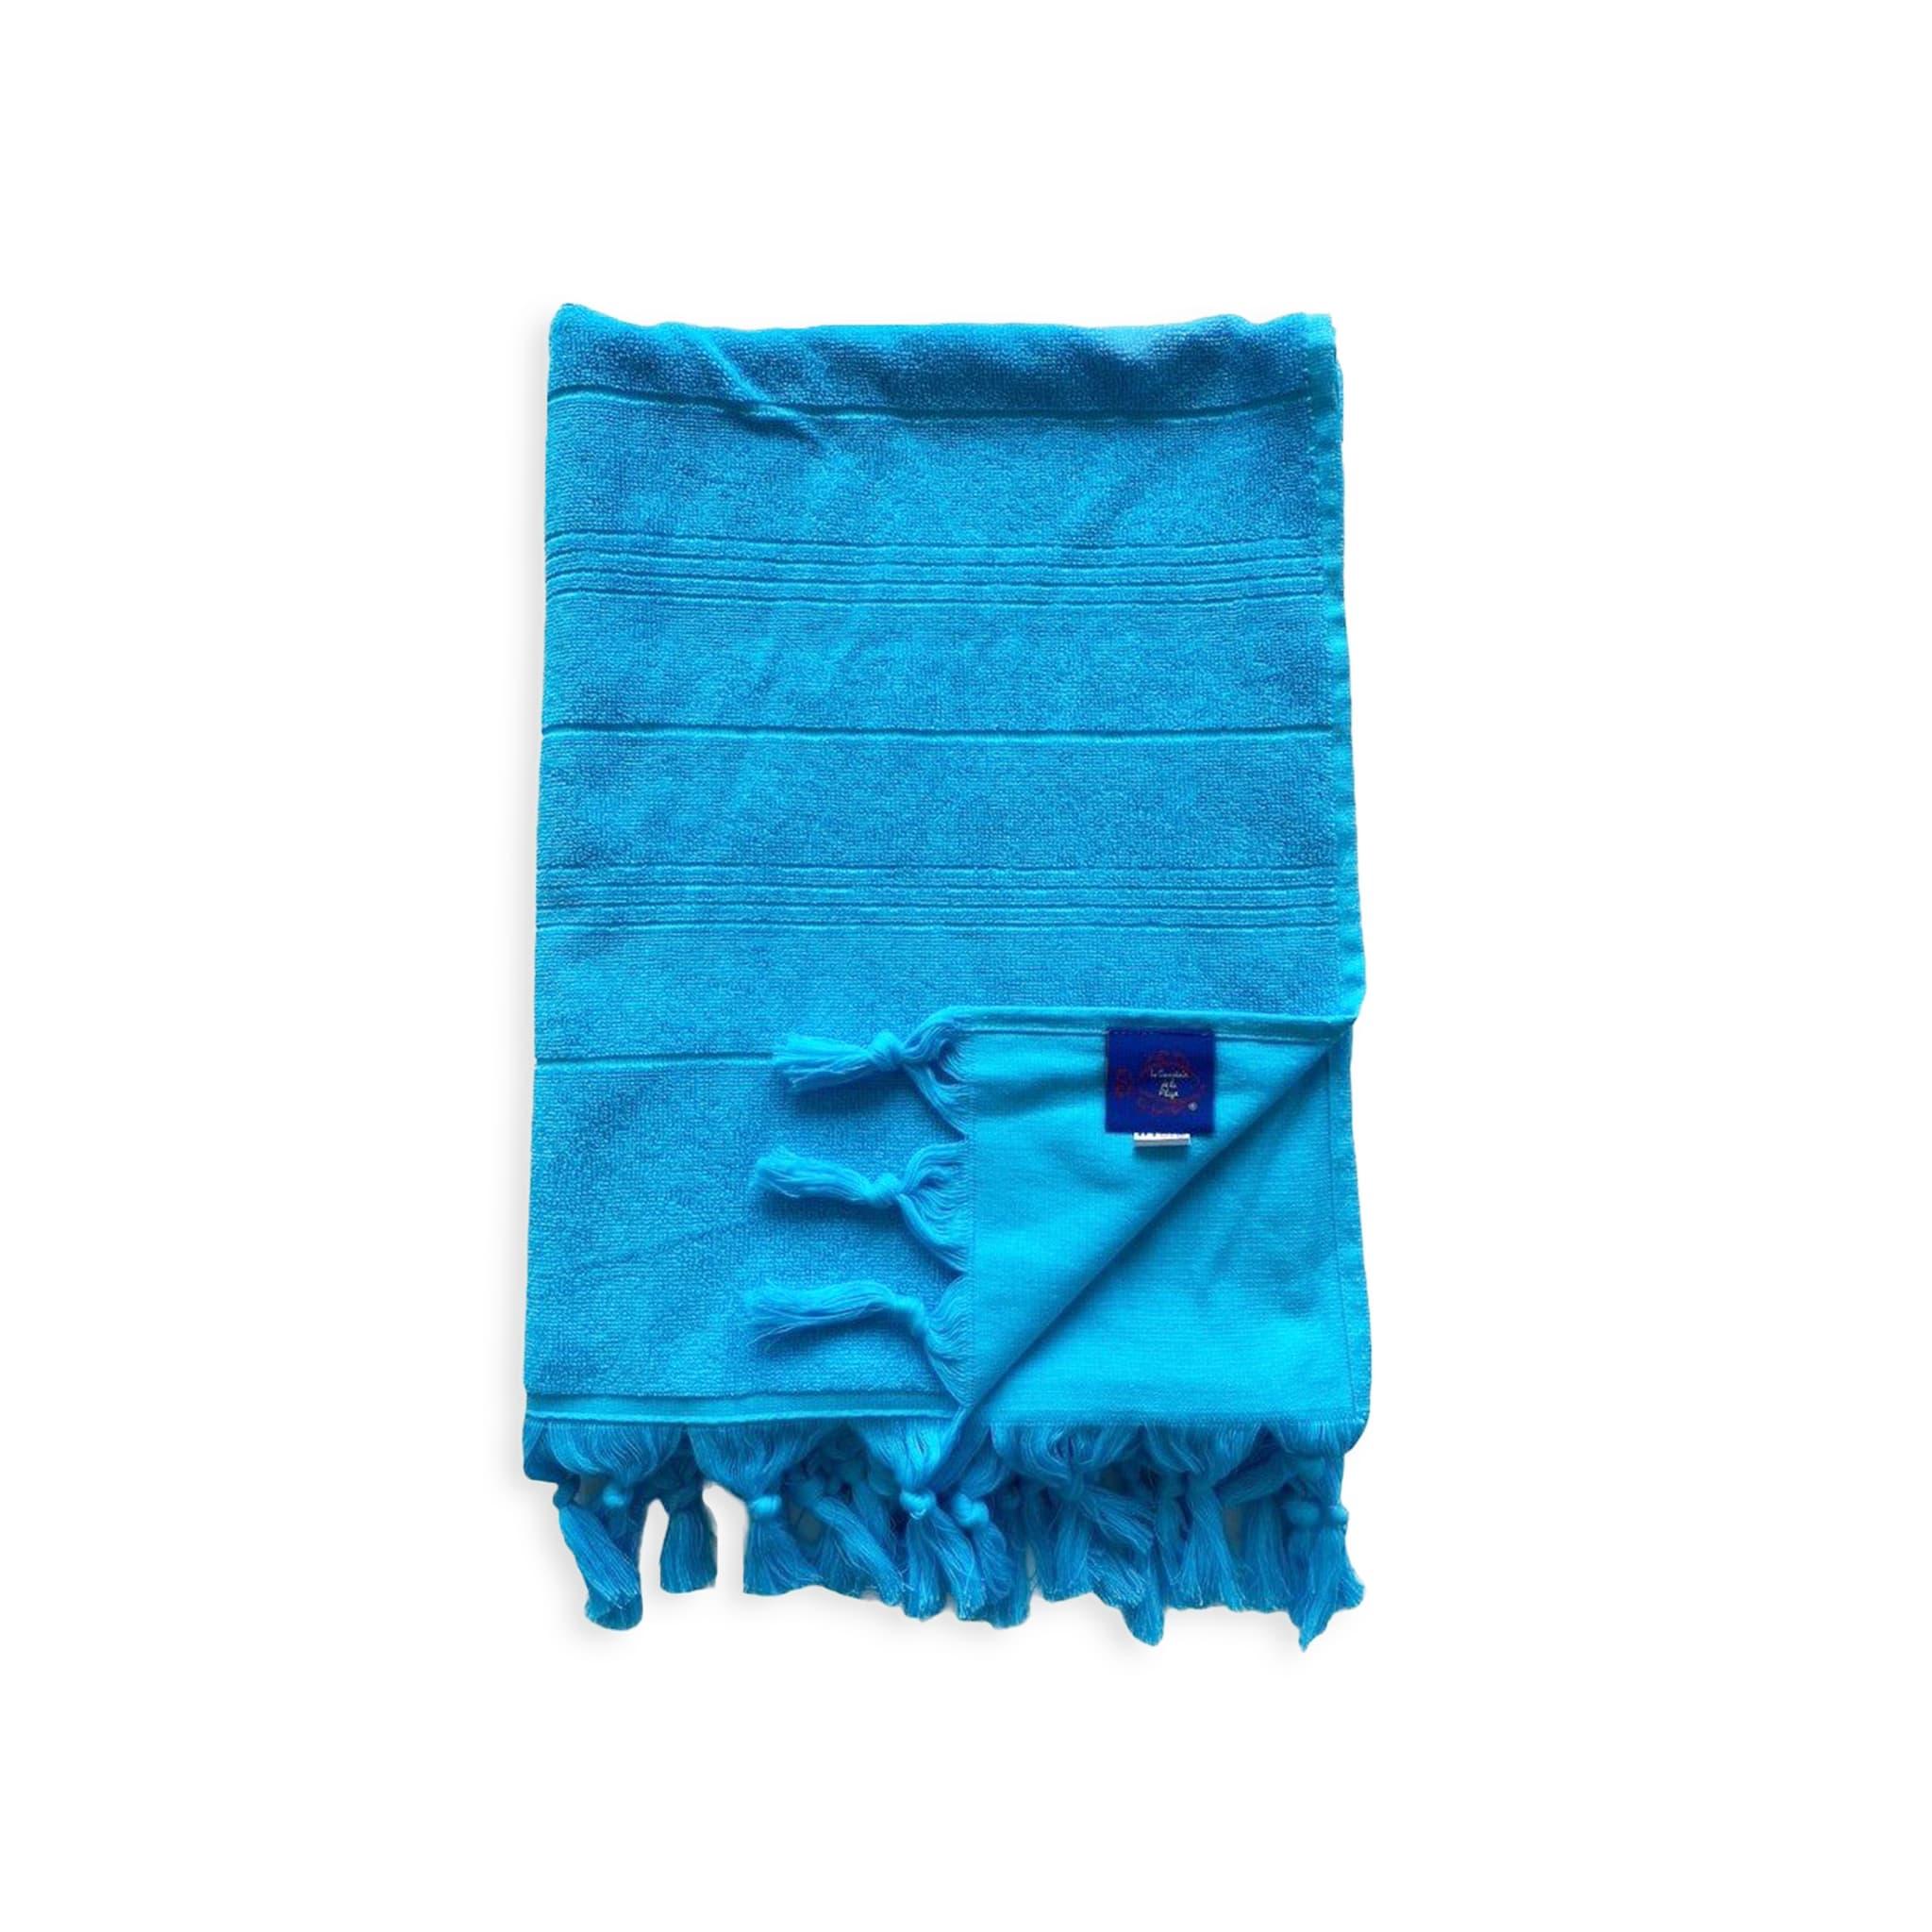 Fouta Hammam éponge bouclette bleu turquoise 150 x 180